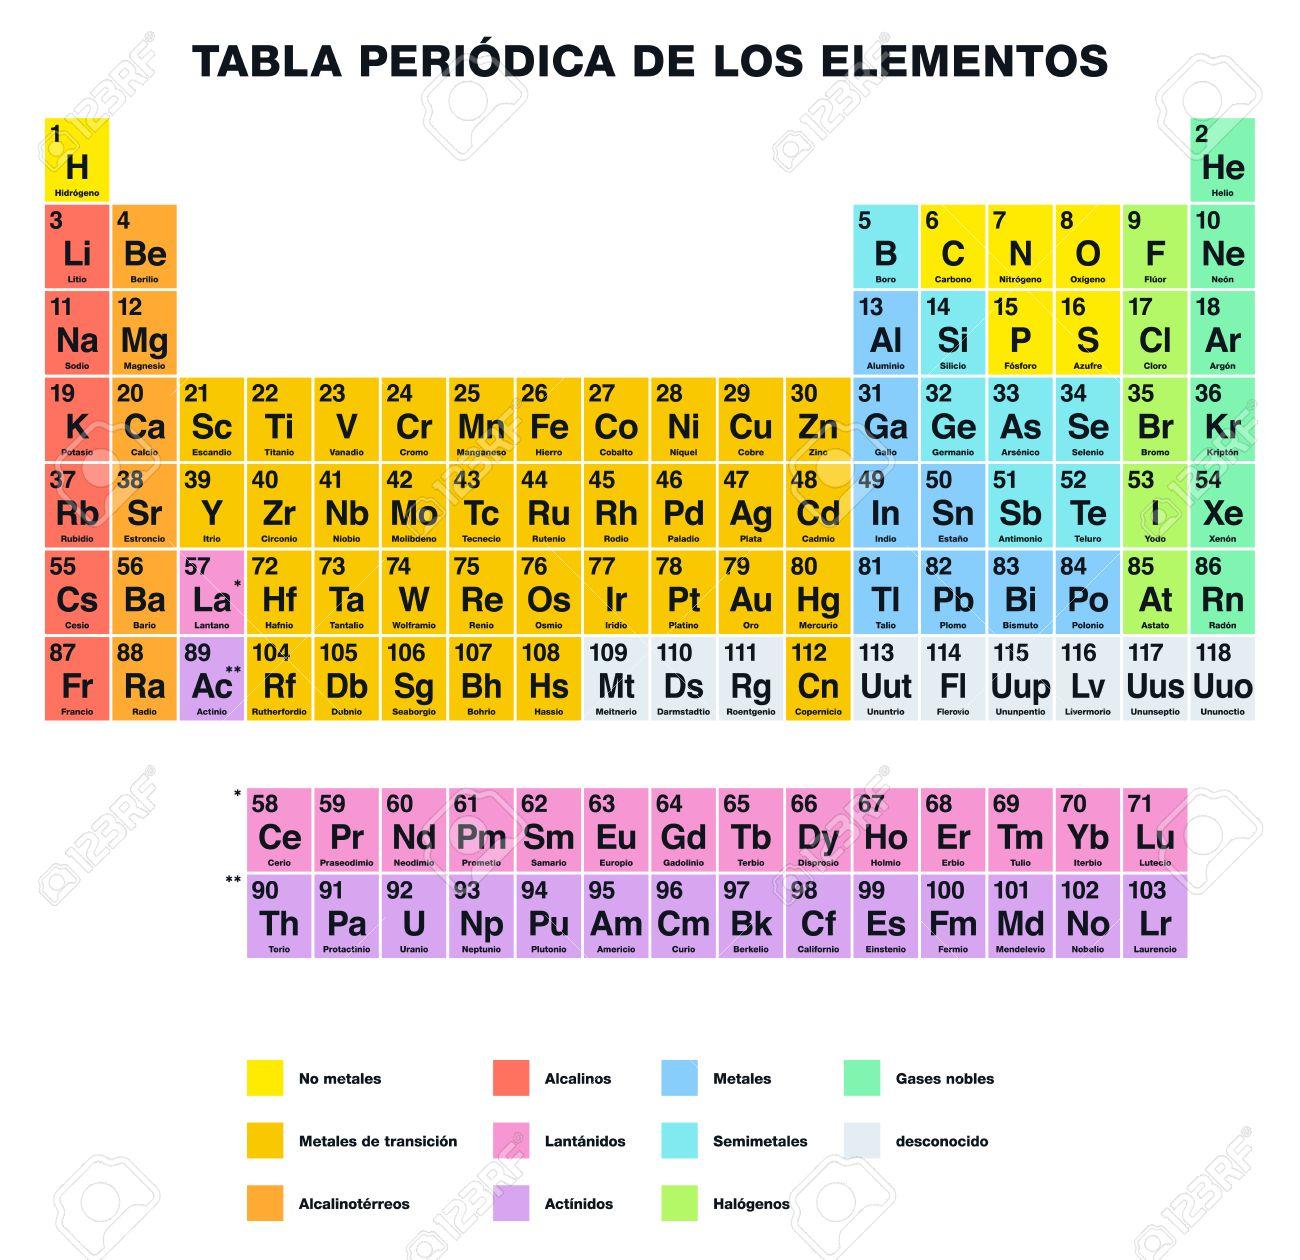 Tabla peridica de los elementos de etiquetado espaol arreglo tabla peridica de los elementos de etiquetado espaol arreglo tabular de los elementos qumicos con urtaz Gallery